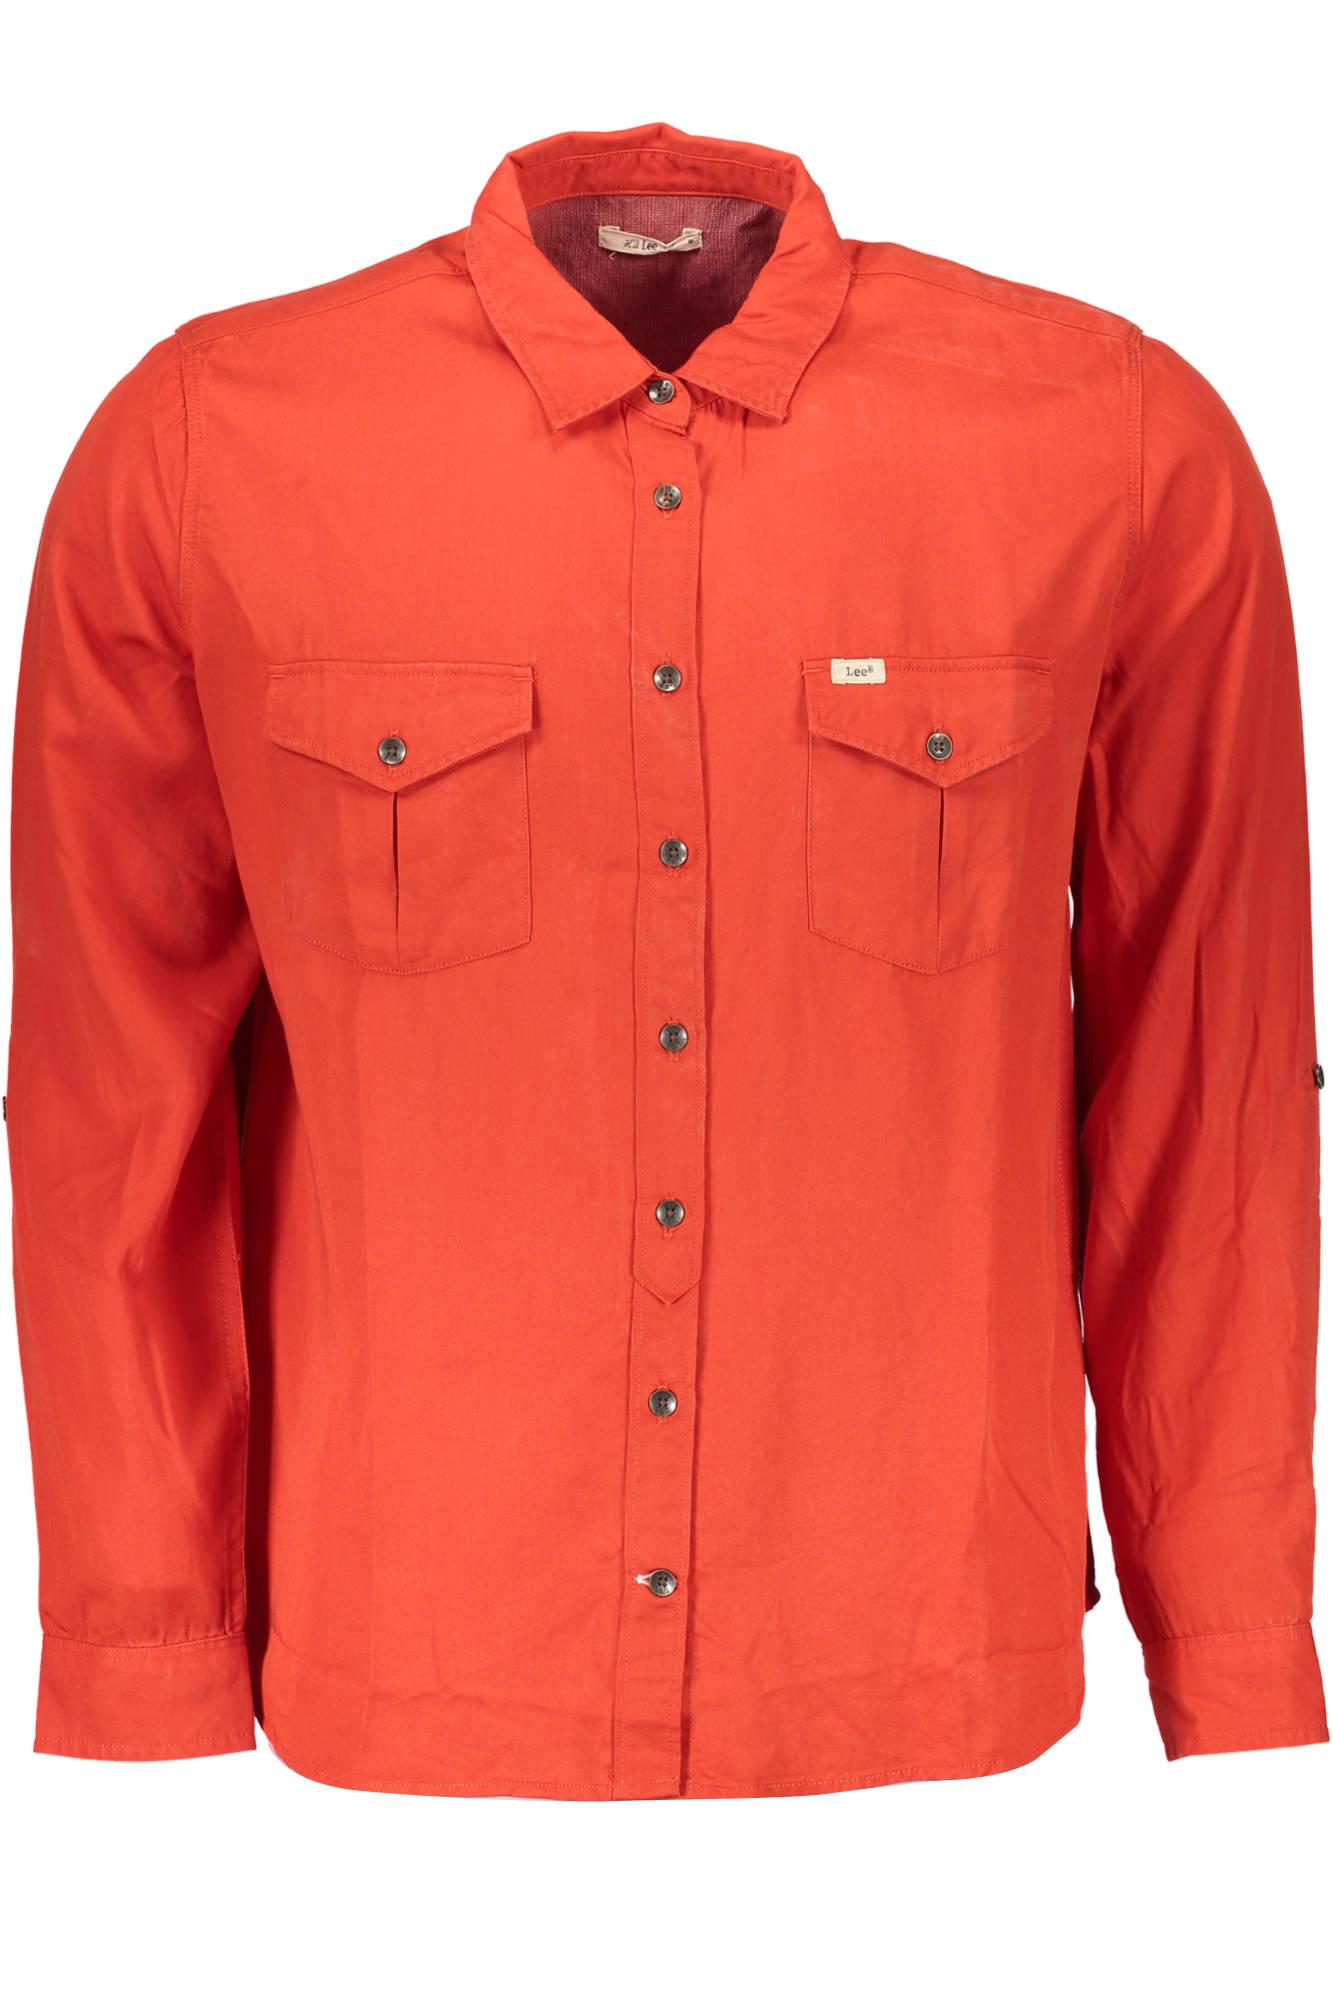 Košile LEE košile s dlouhým rukávem ROSSO